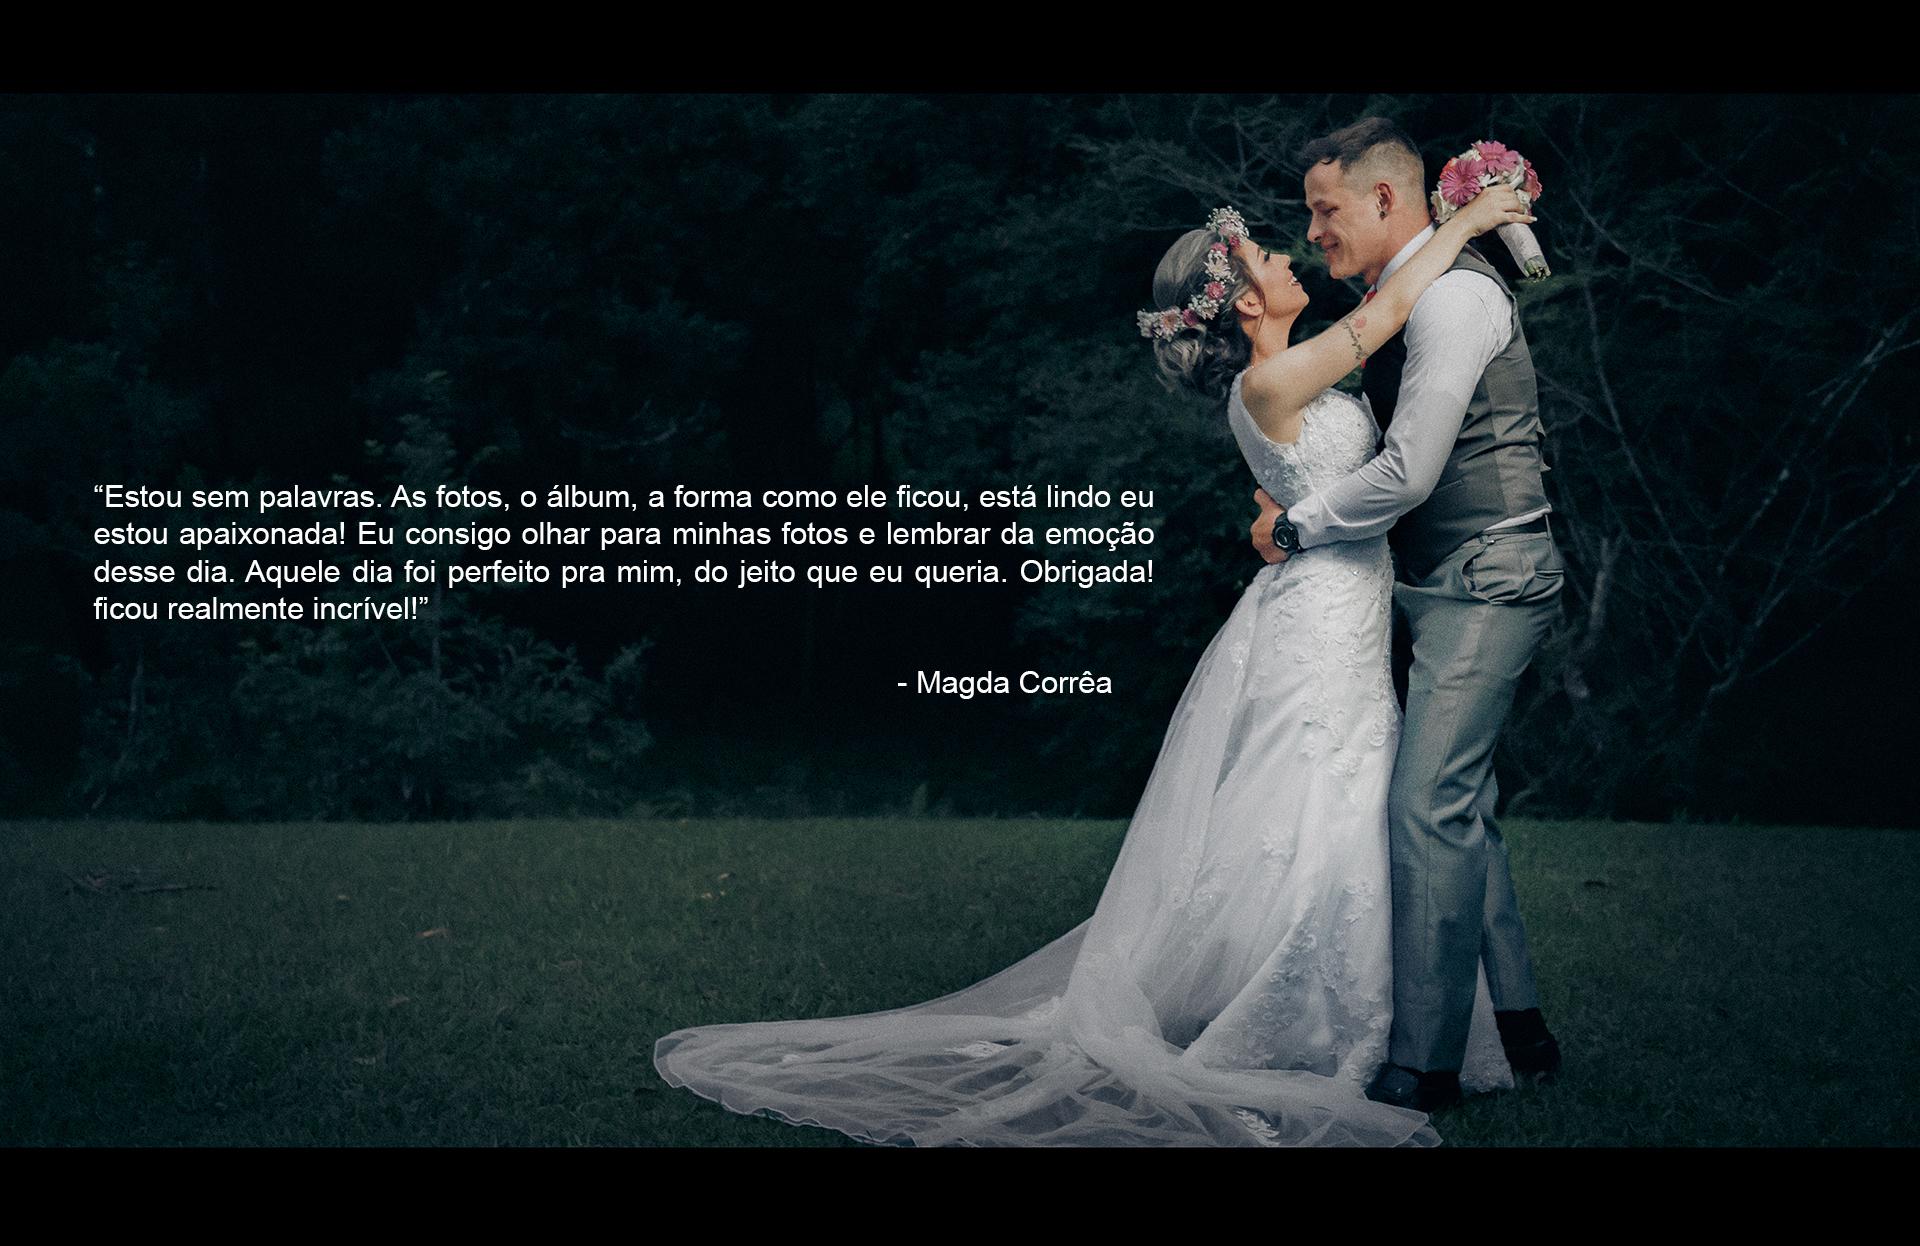 Contate Leonardo Rodrigues - Fotógrafo de Casamento e 15 Anos | Gramado-RS e Itália